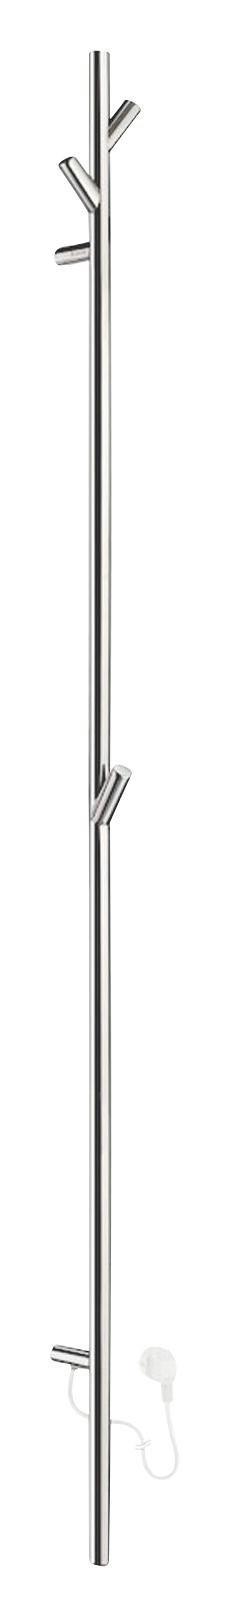 HANDTUCHTROCKNER Edelstahlfarben - Edelstahlfarben, Basics, Metall (8/172cm)